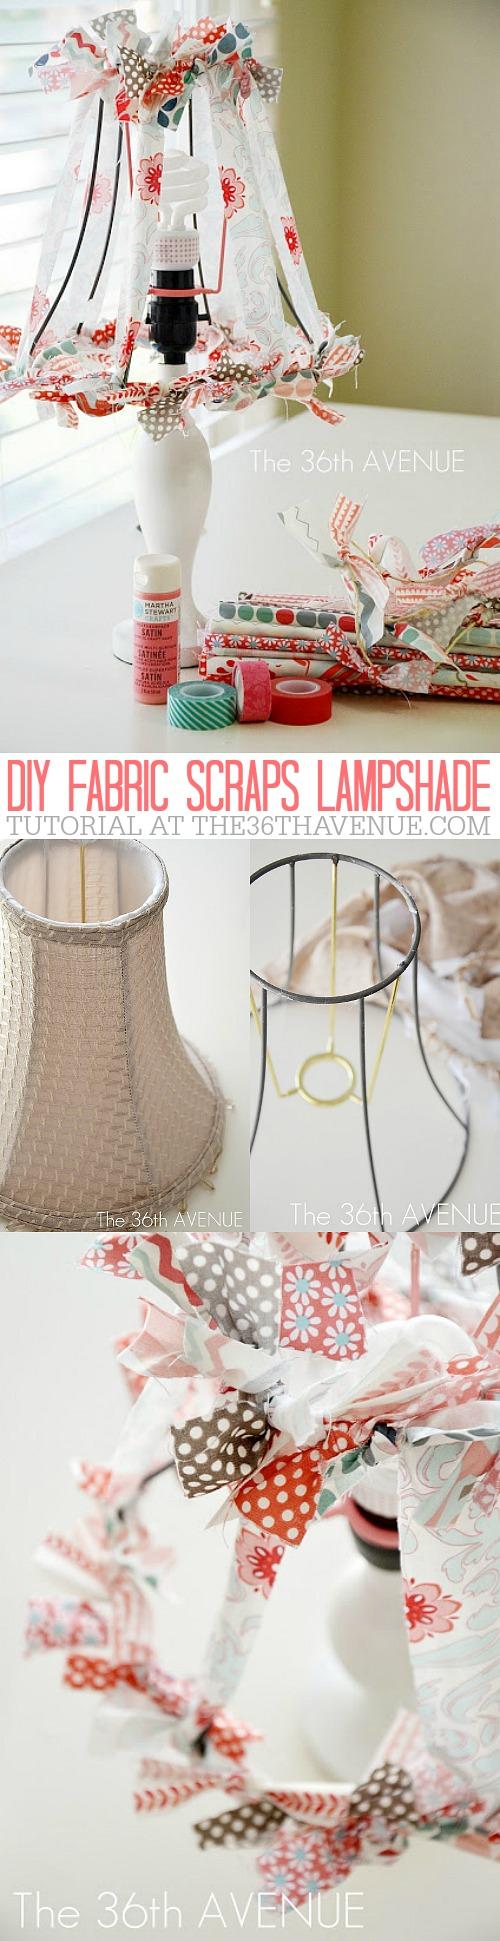 DIY FABRIC SCRAPS LAMPSHADE at the36thavenue.com